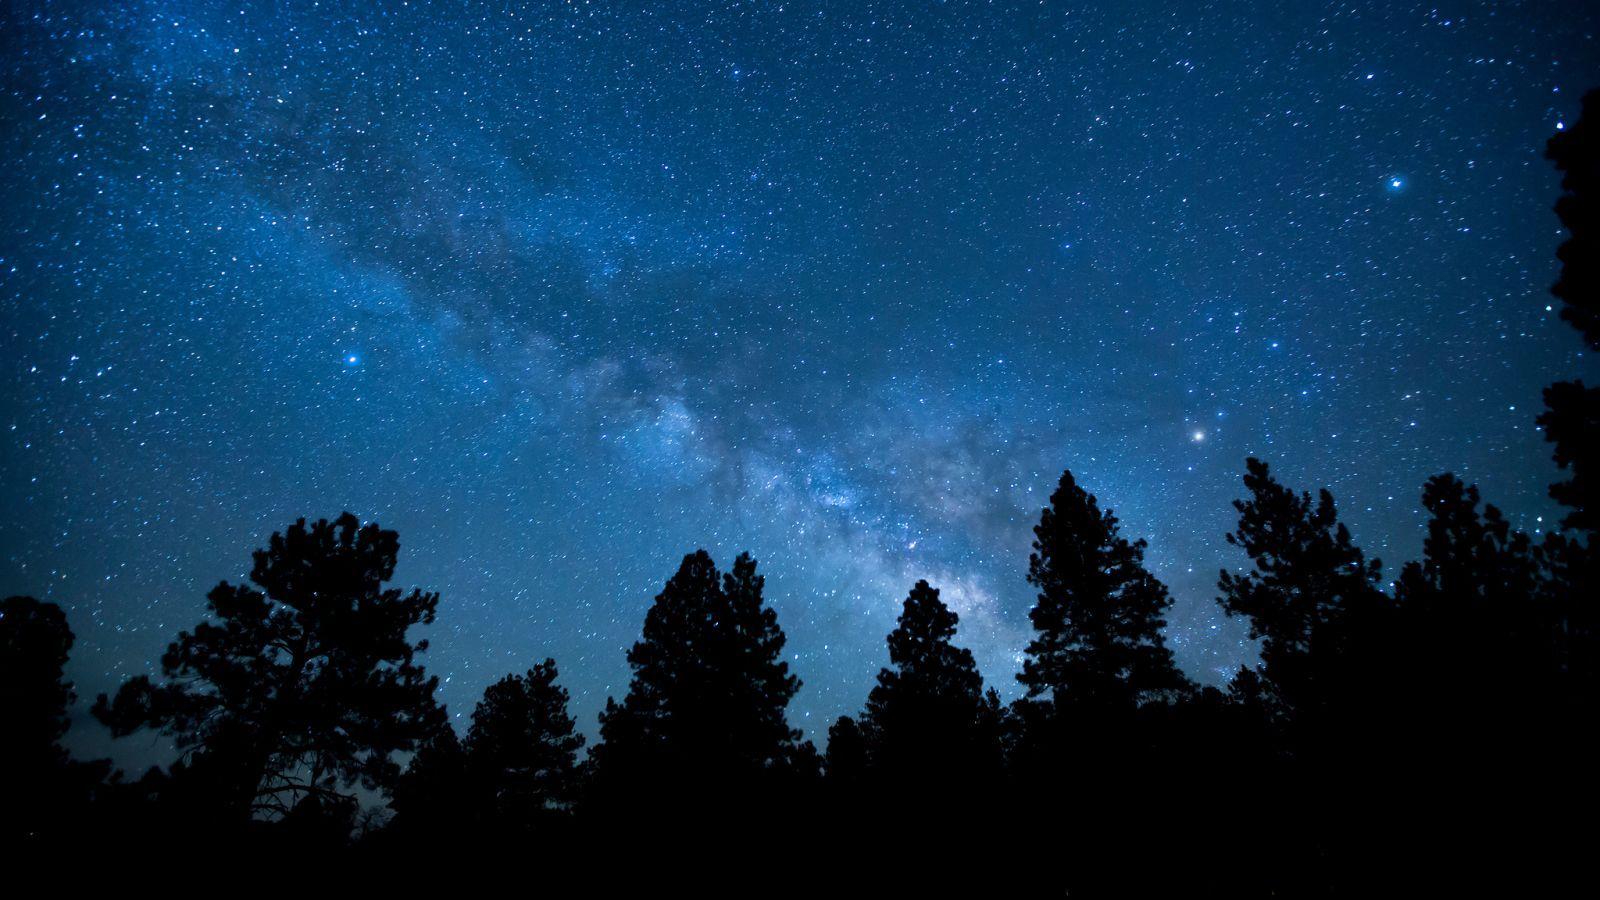 Astrophotographers 1400 square miles in Idaho designated